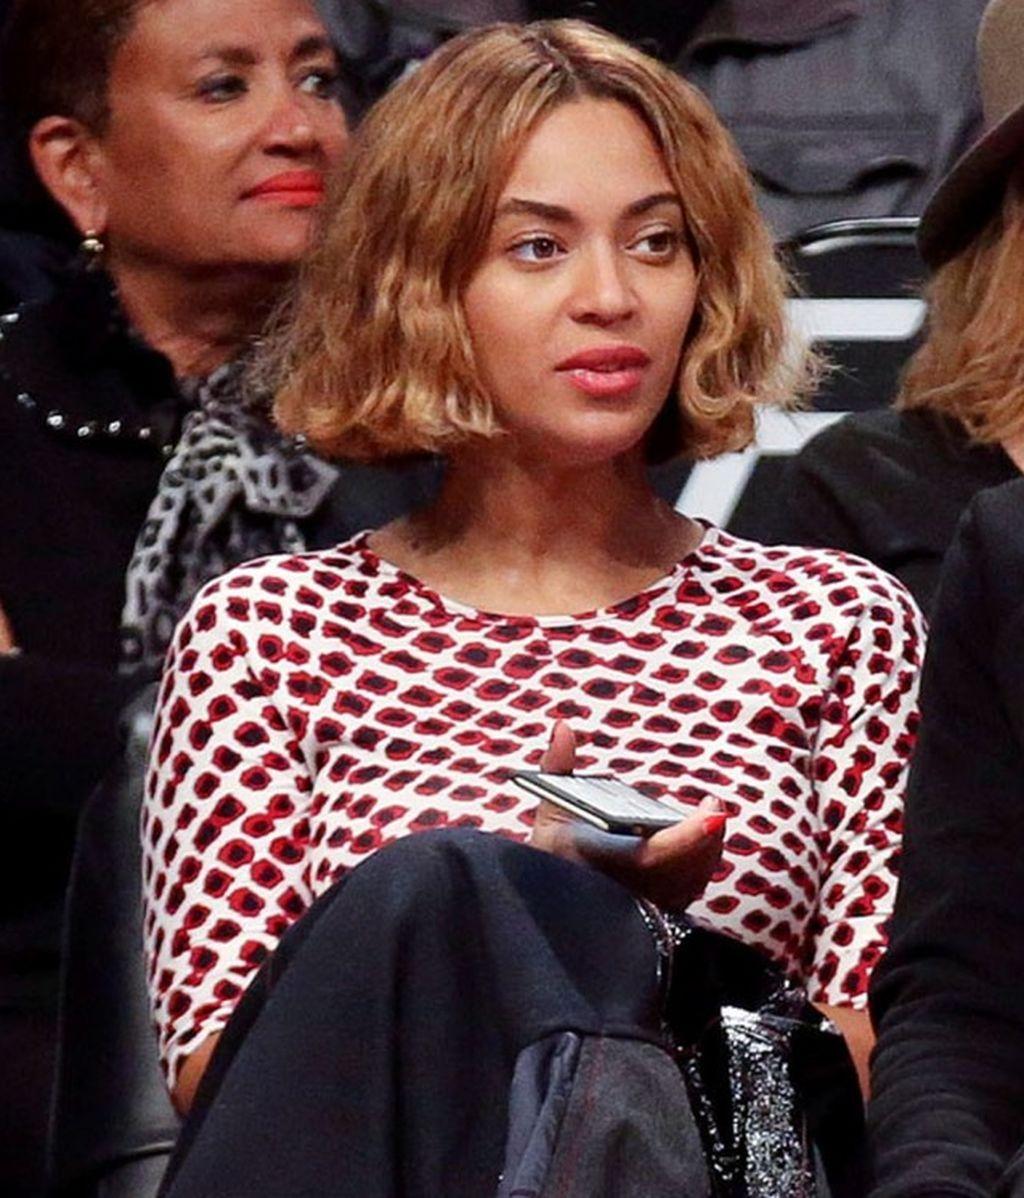 Nuevo capítulo en el cabello de Beyoncé: ahora luce un corte 'bob' ondulado